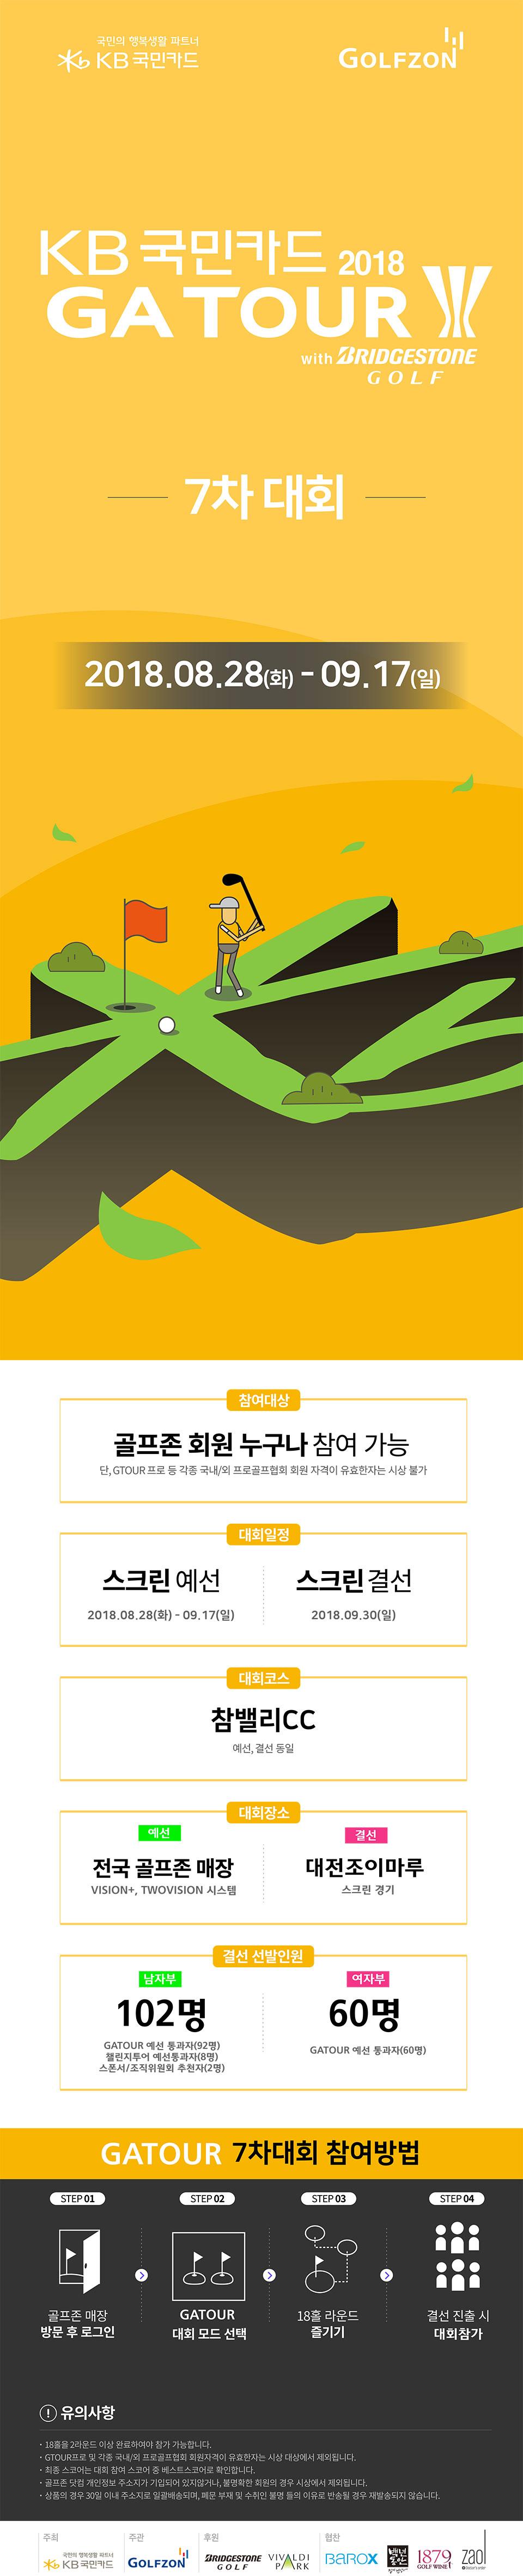 GATOUR 홍보이미지